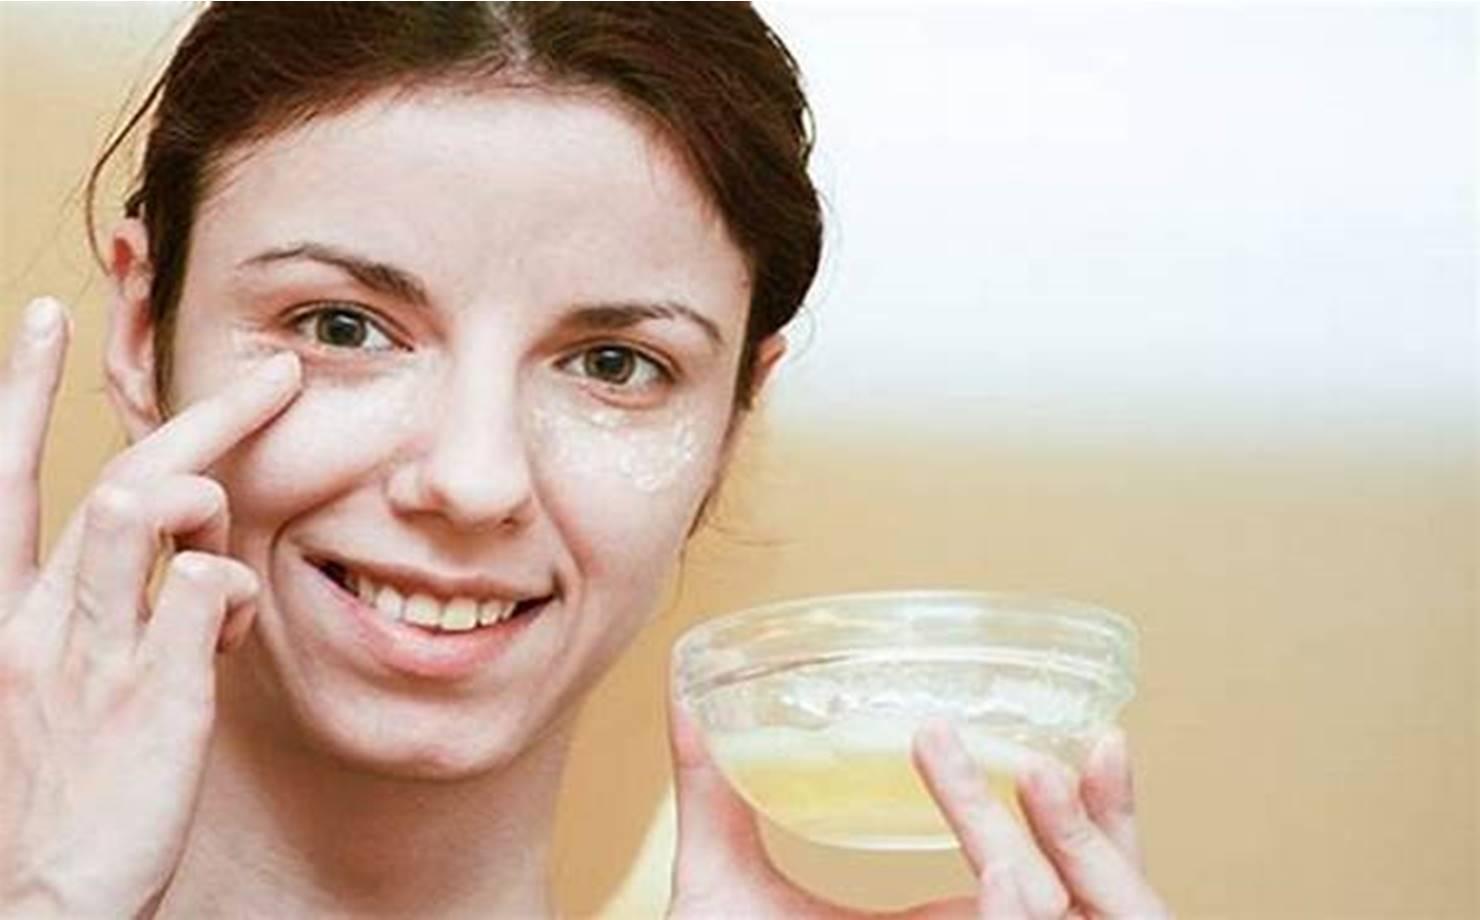 Como fazer uma máscara facial para eliminar rugas com clara de ovo